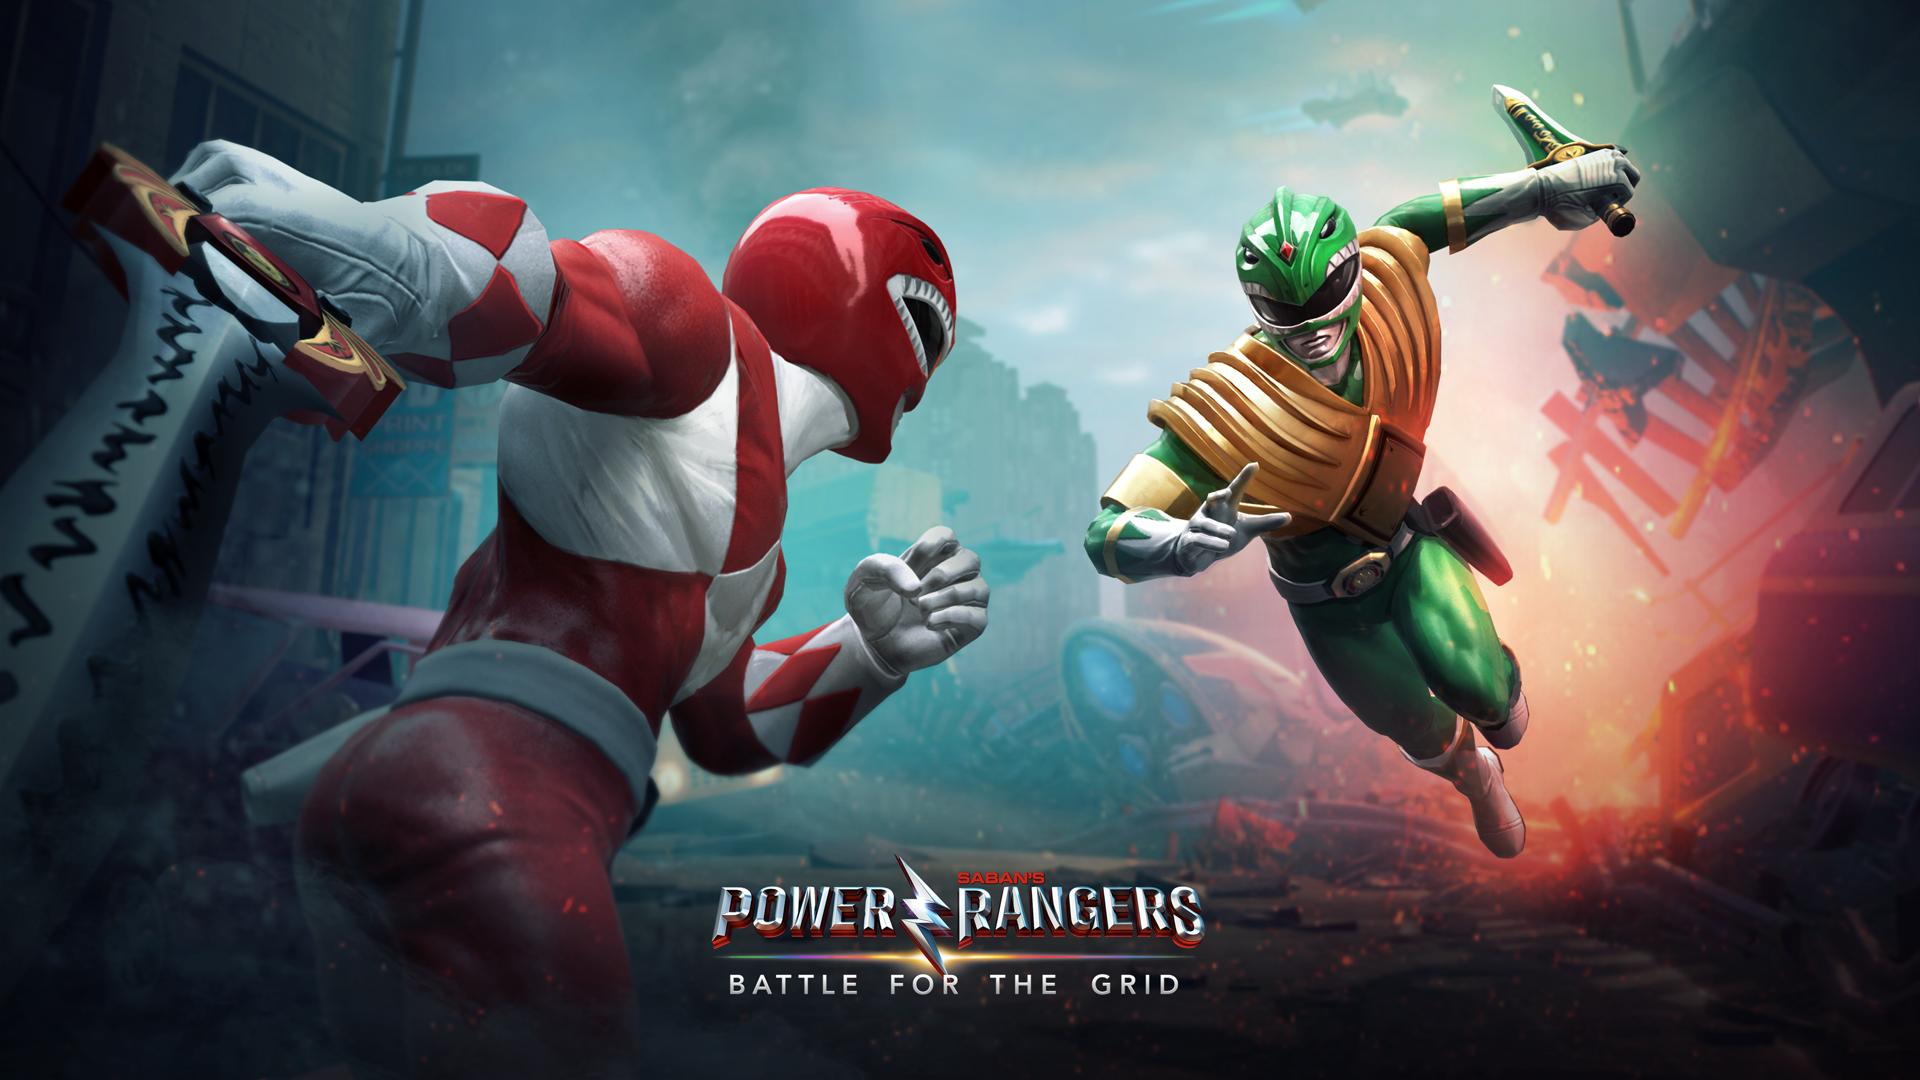 制作人表示《超凡战队:能量之战》并非手游移植电子游戏-游戏咖啡:电子游戏-转载